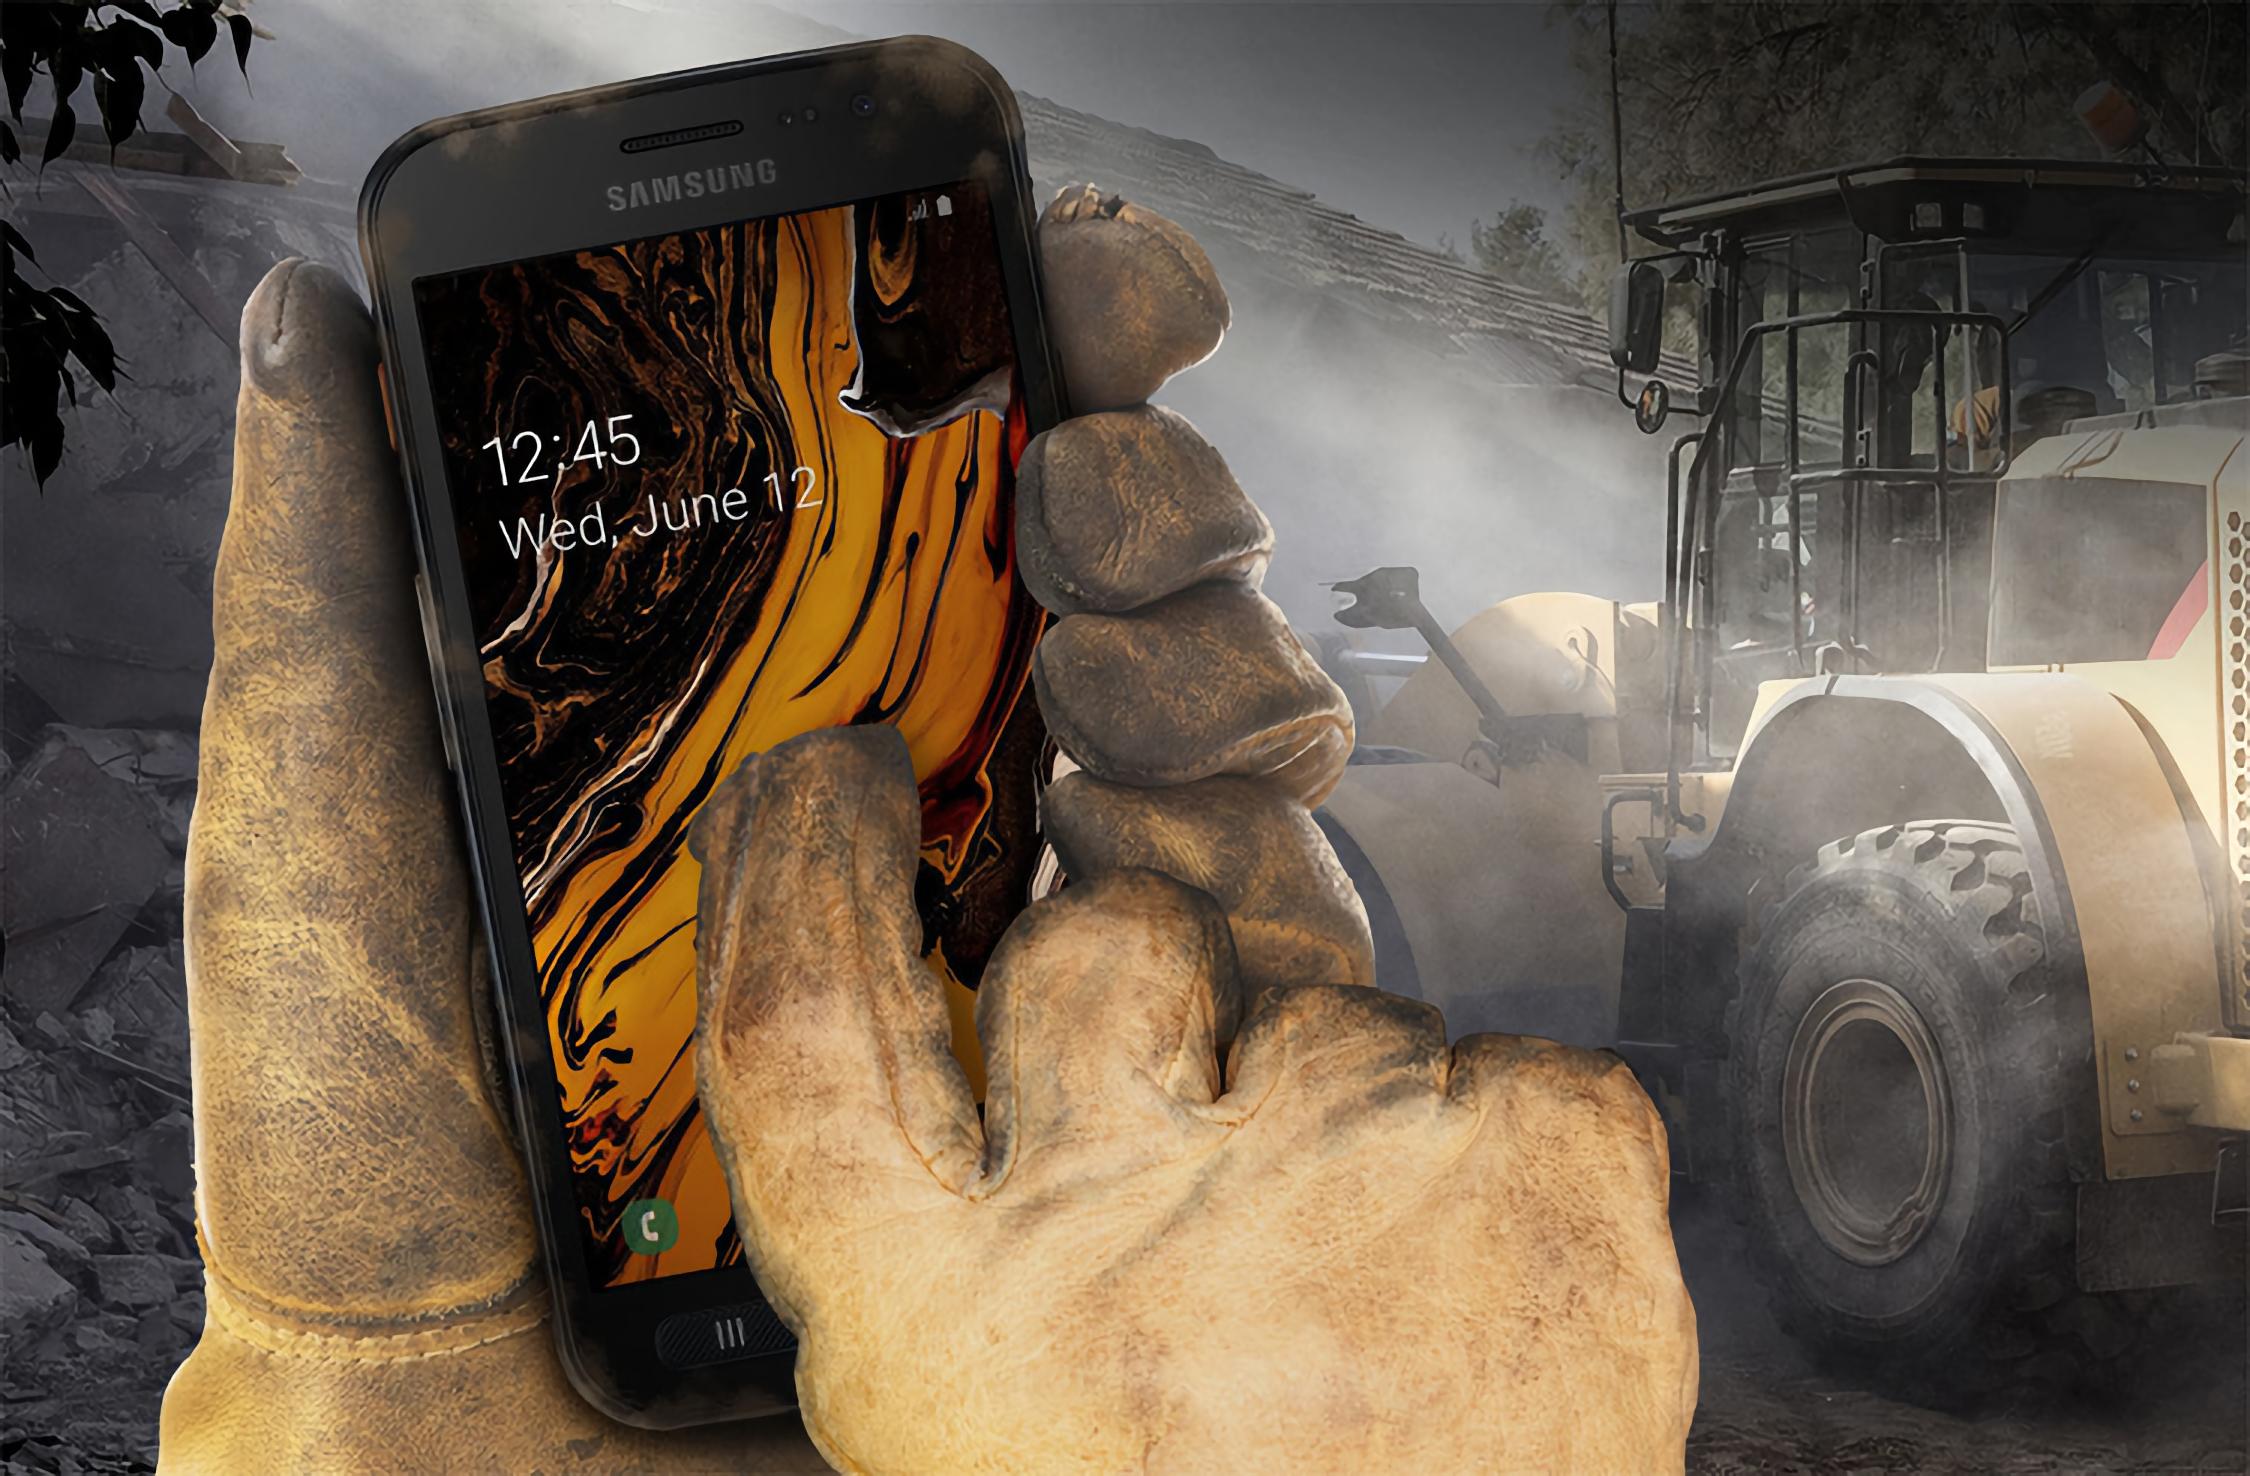 Ценник и подробные характеристики Samsung Galaxy XCover 5 попали в сеть до анонса